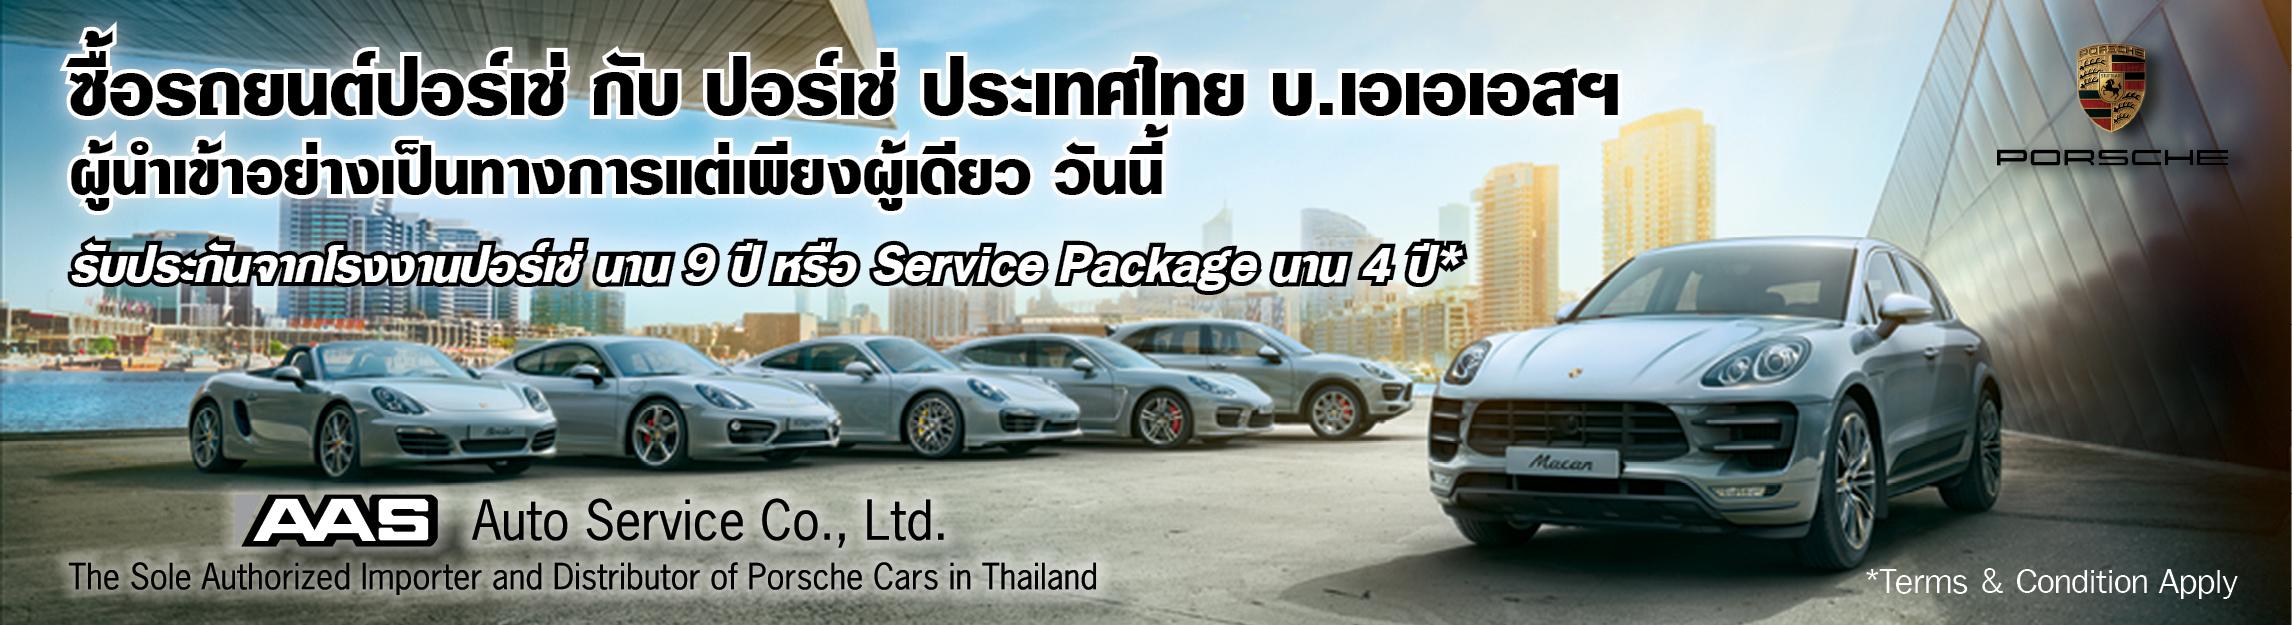 Porsche AAS Auto Service